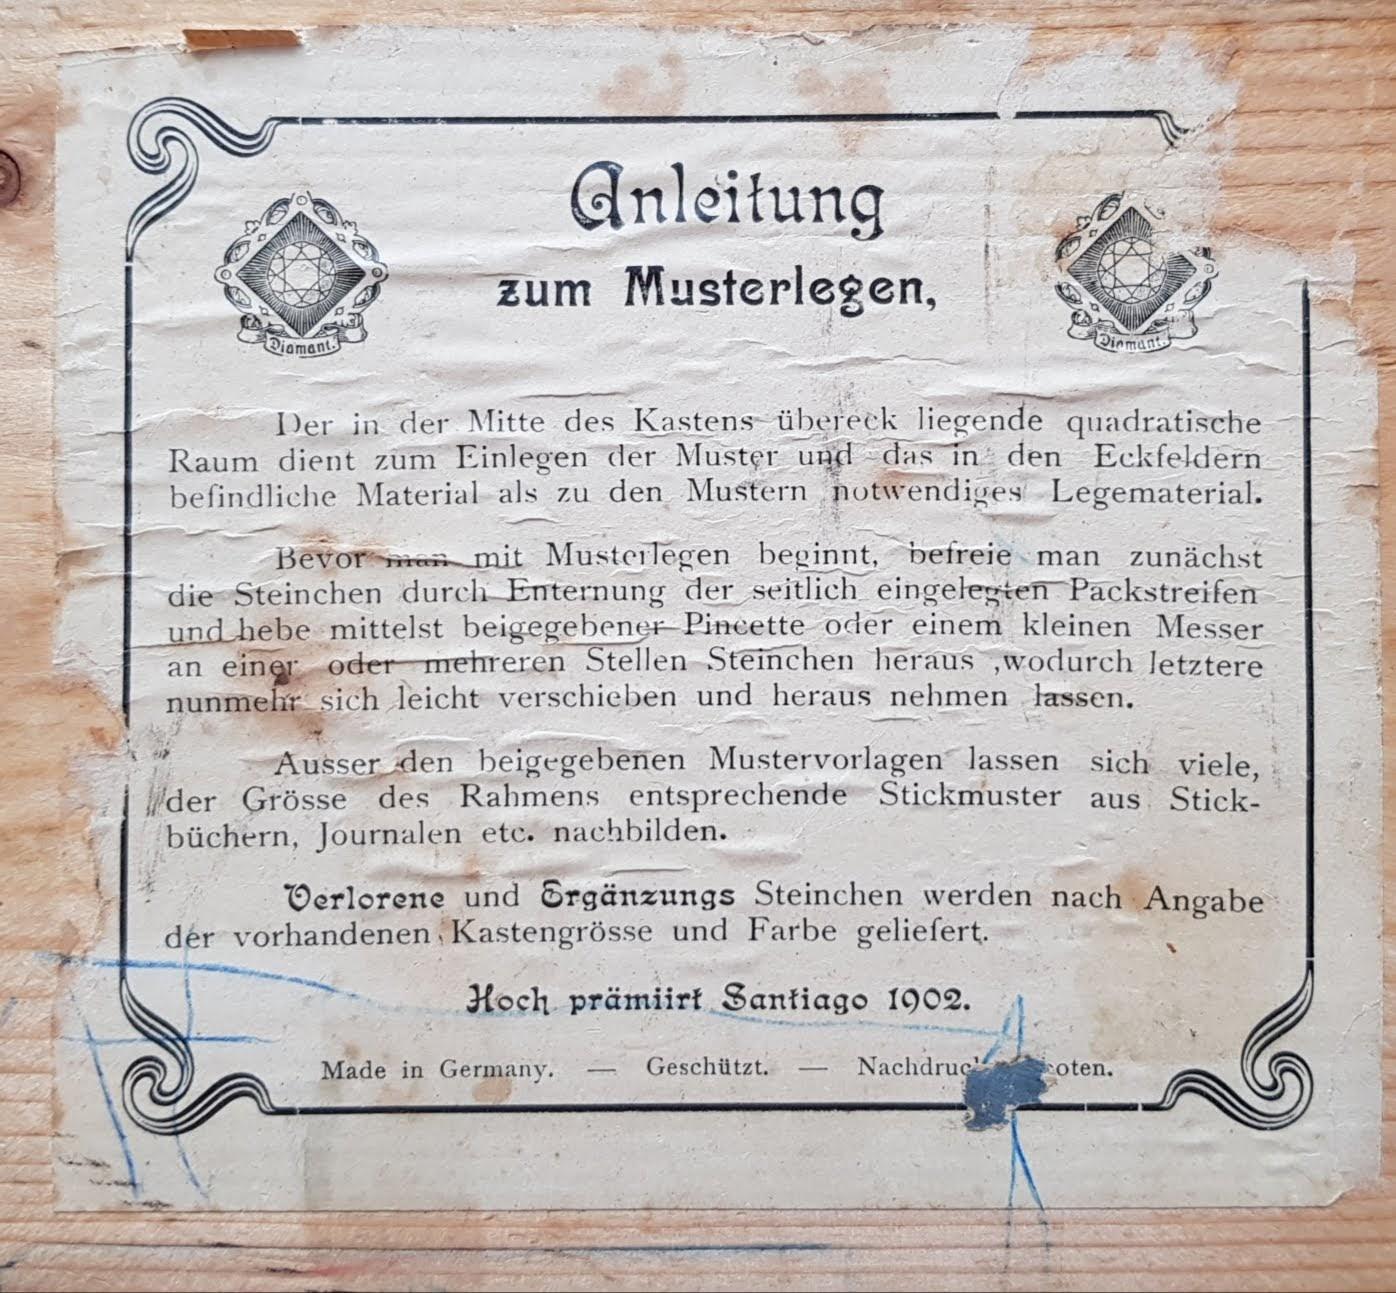 Gebrüder Keller - Mona - F.AD.Richter - Anker Karola - um 1905-1910